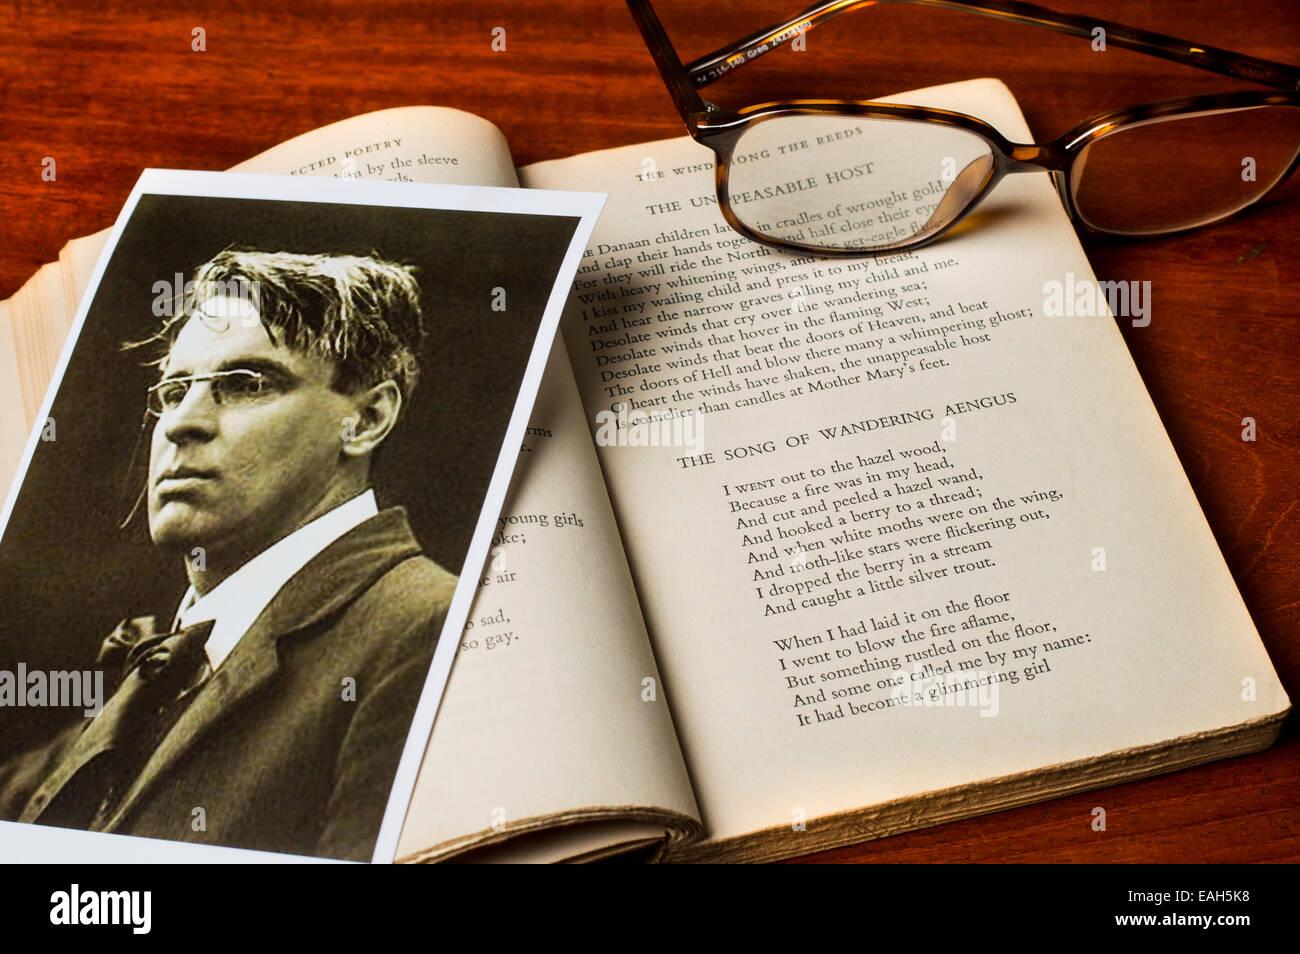 Photo de poète irlandais W.B.Yeats, avec le texte de son poème célèbre la chanson Wandering Photo Stock